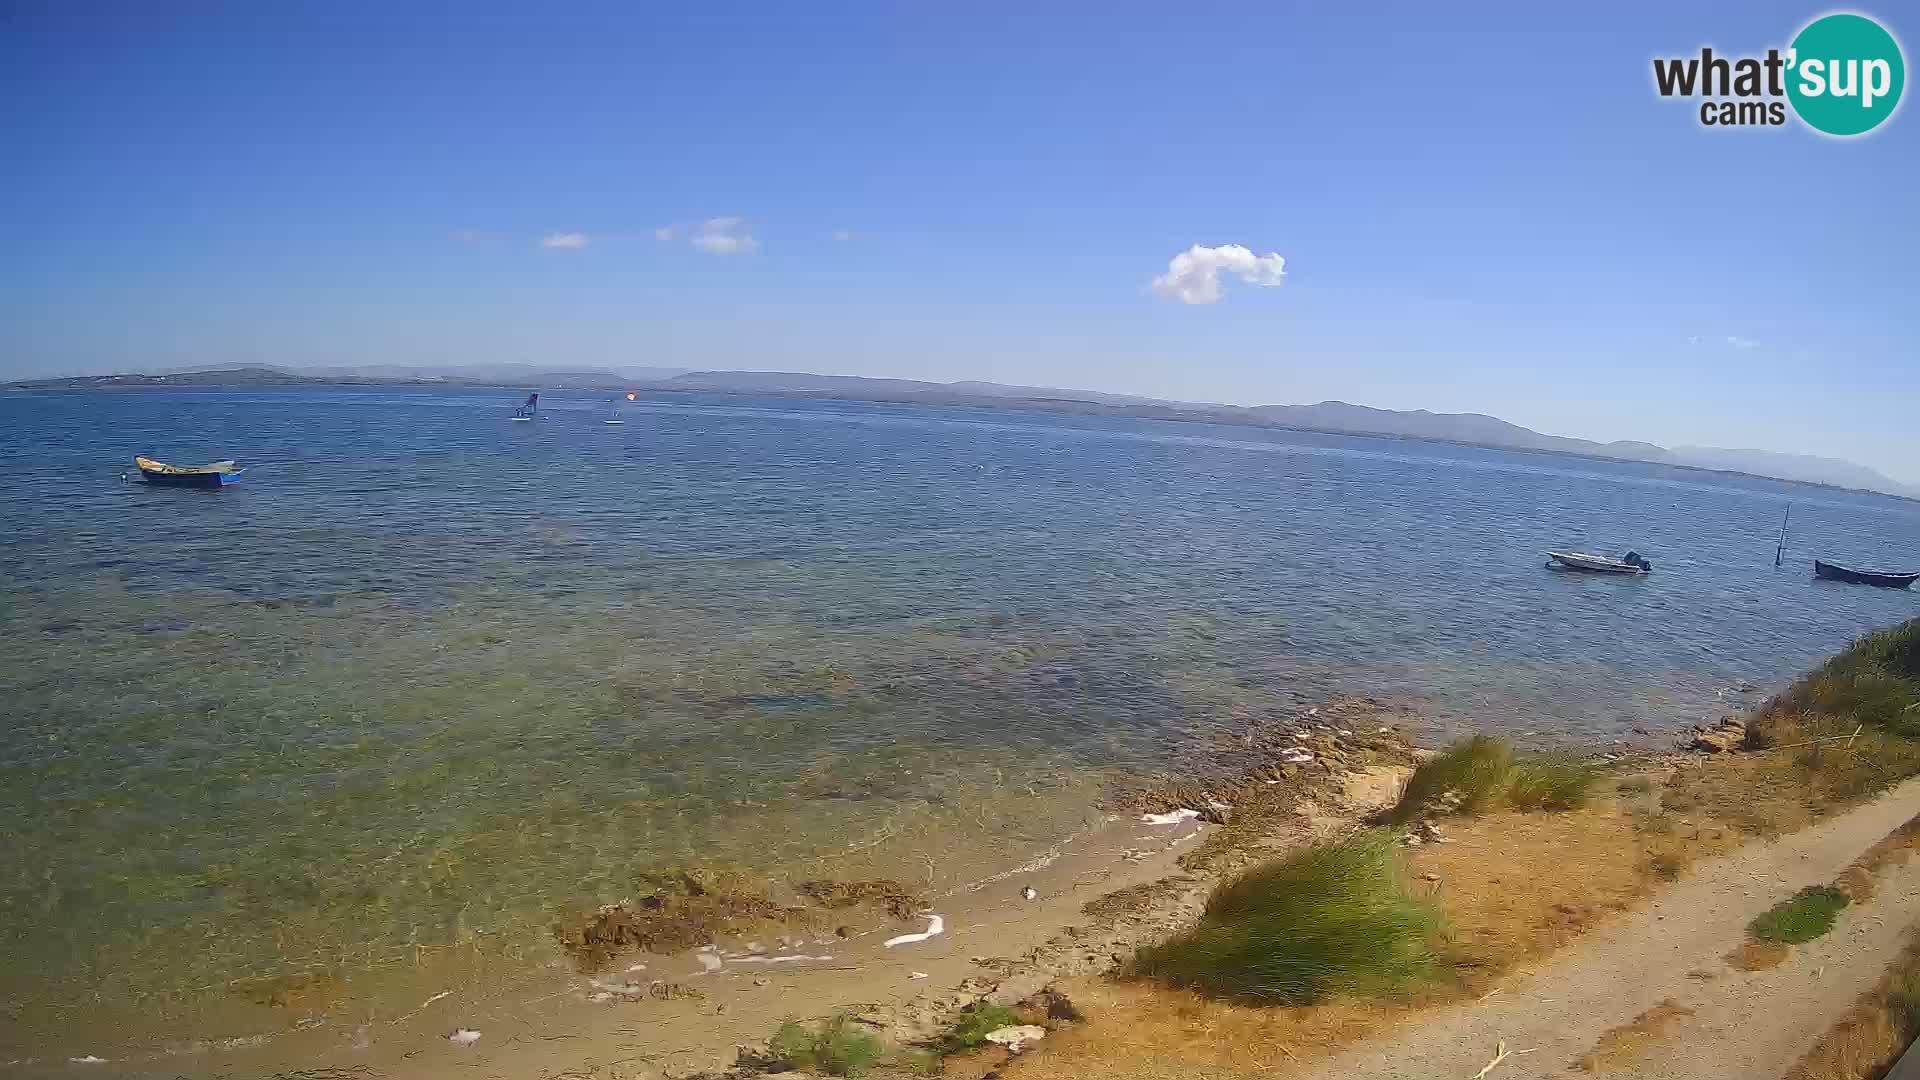 Windsurfing Club Sa Barra livecam Sant'Antioco – Sardaigne – Italie